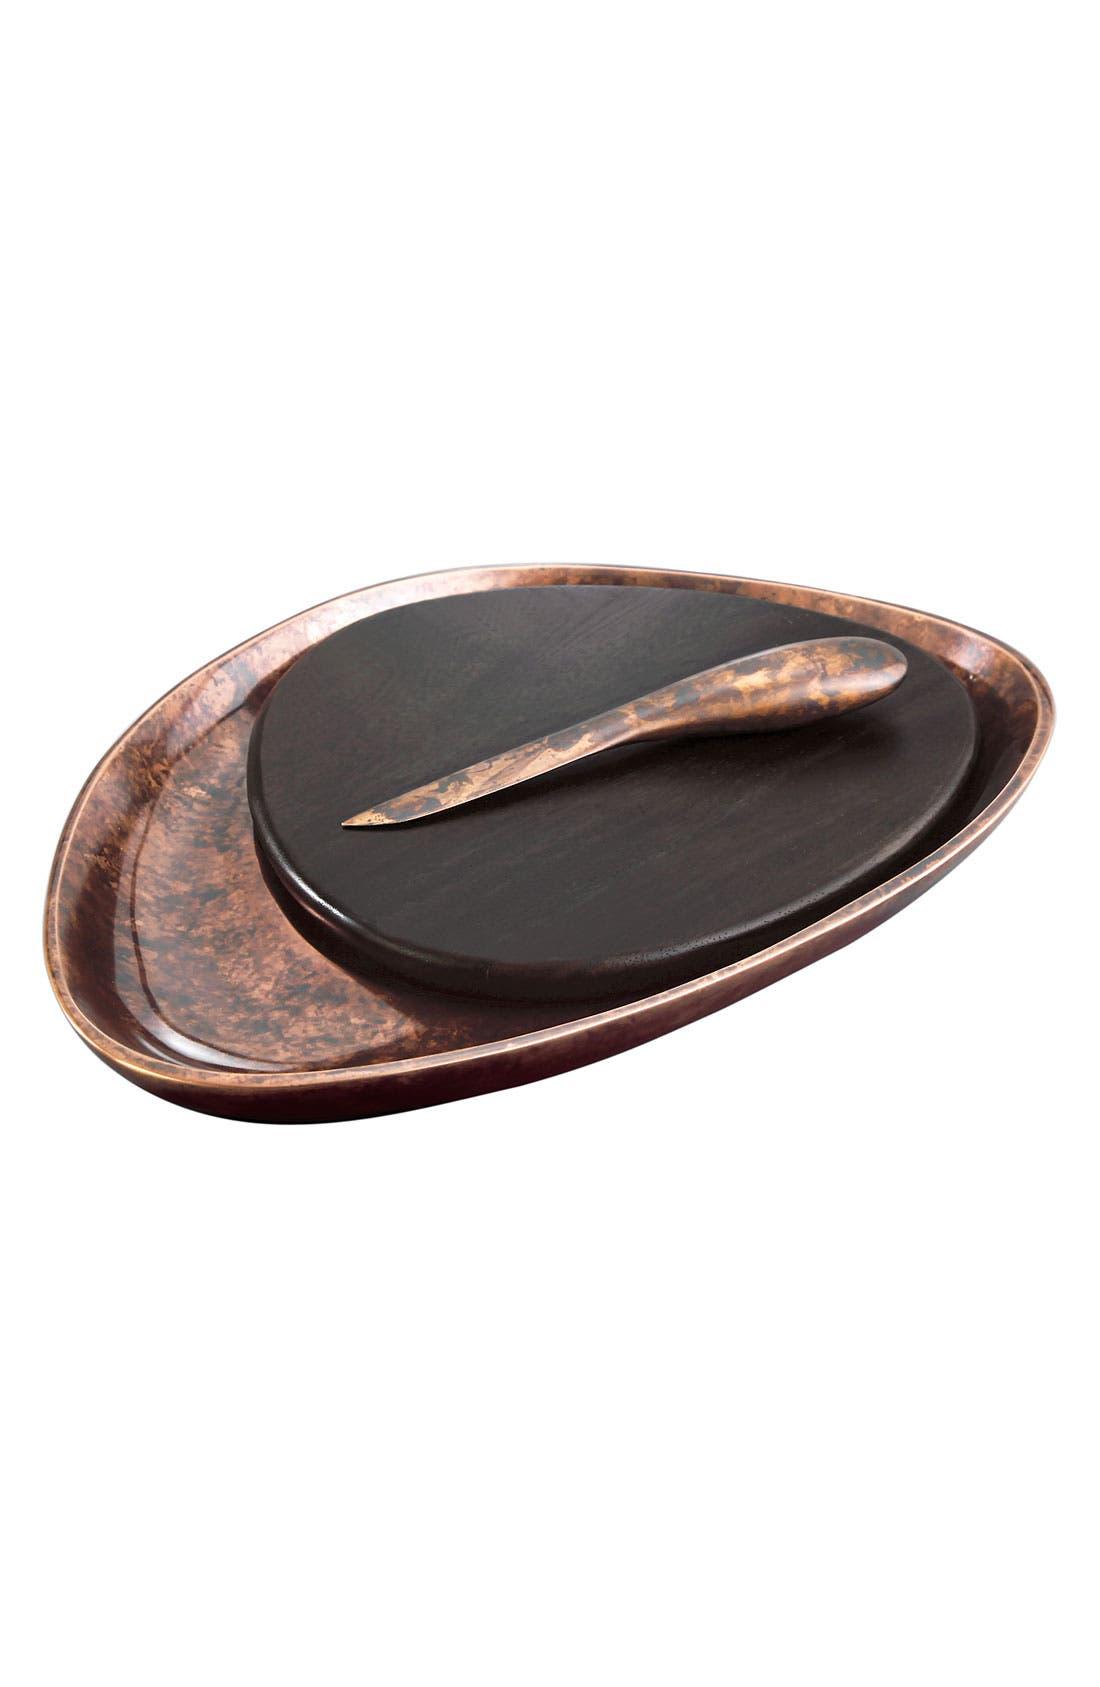 Alternate Image 1 Selected - Nambé 'Pebble' Cheeseboard